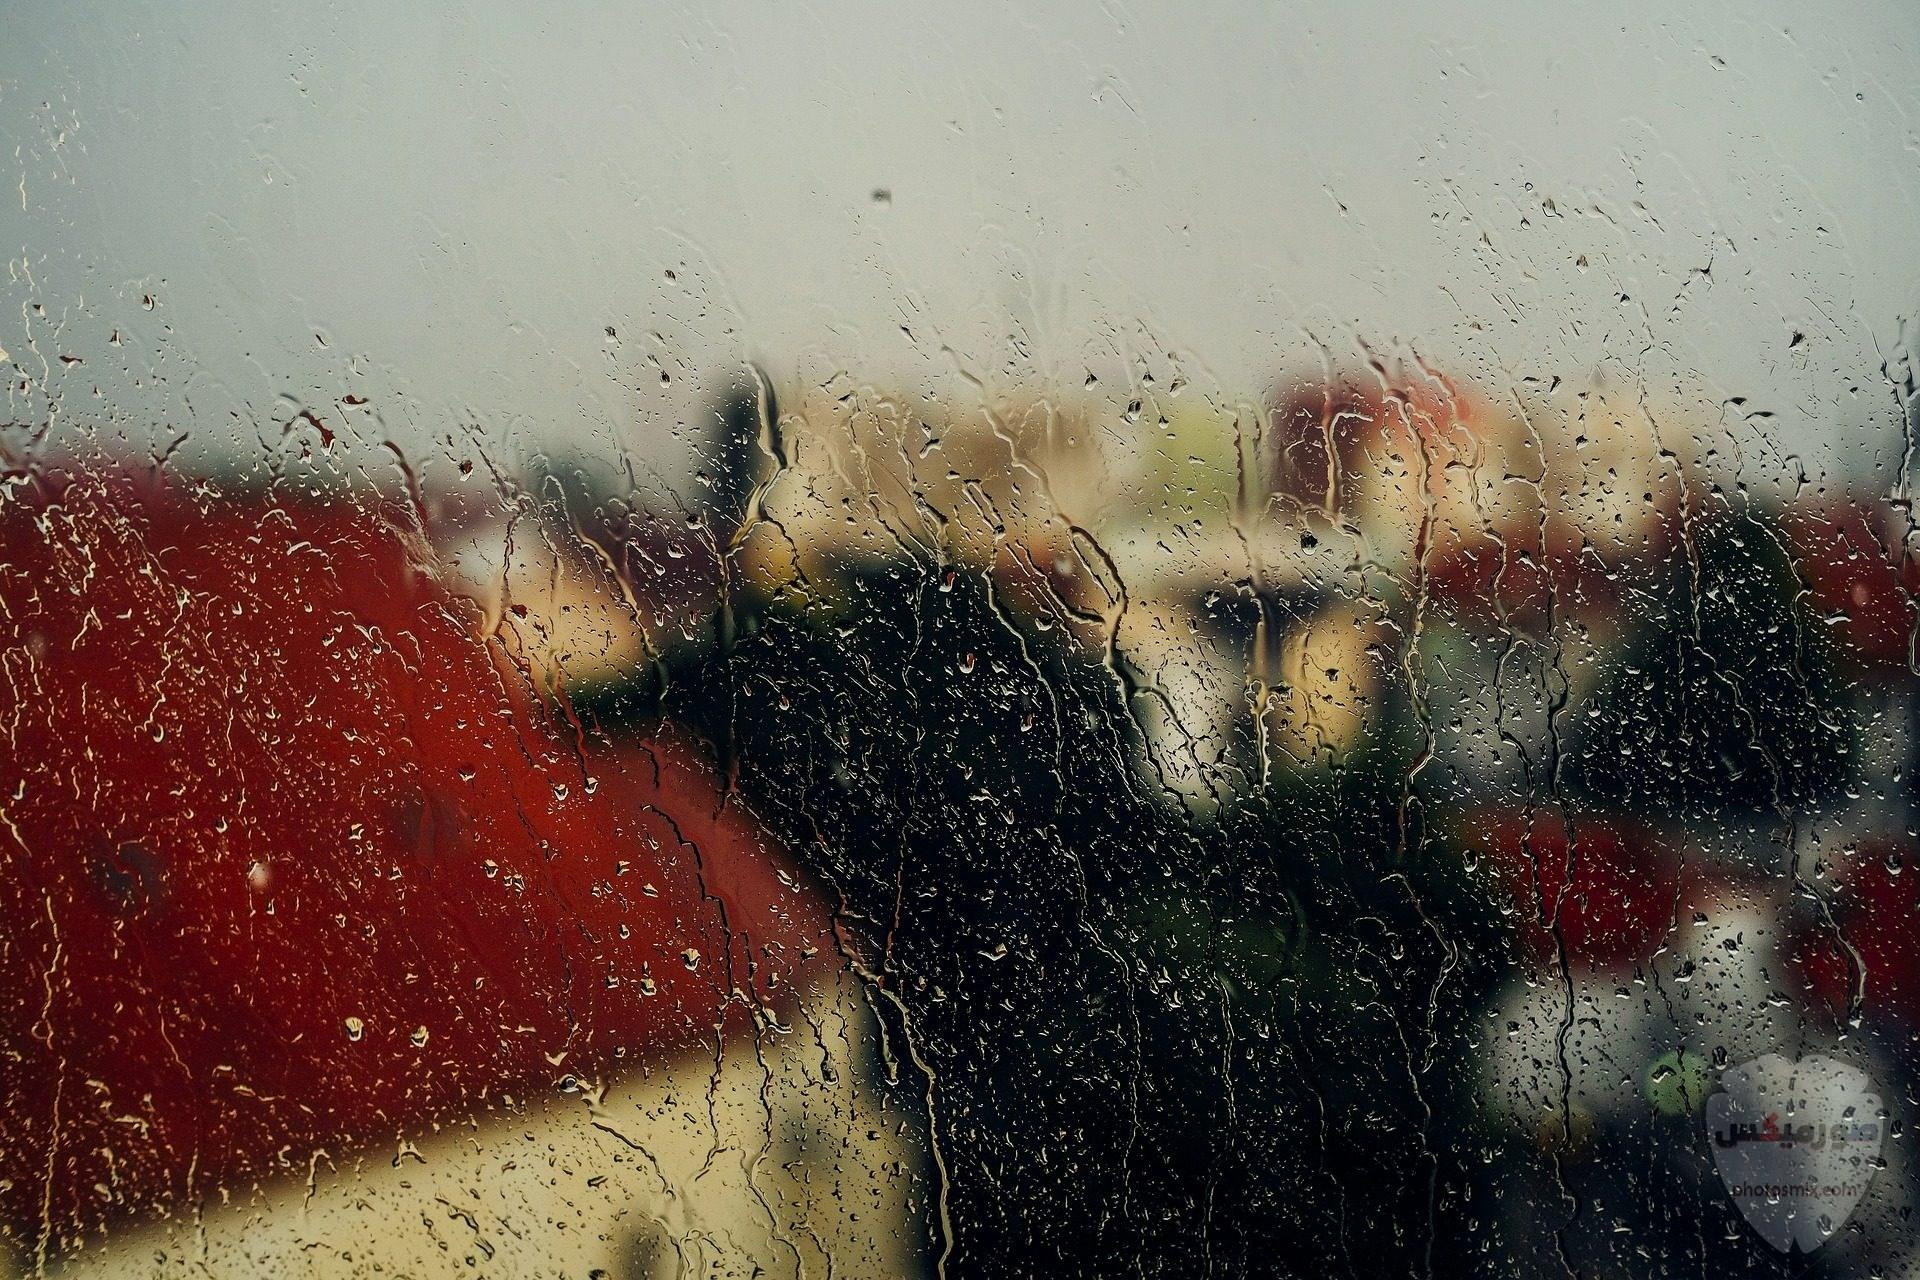 صور مطر جميلة اجمل خلفيات قطرات المطر ادعية عن الامطار والشتاء 16 1